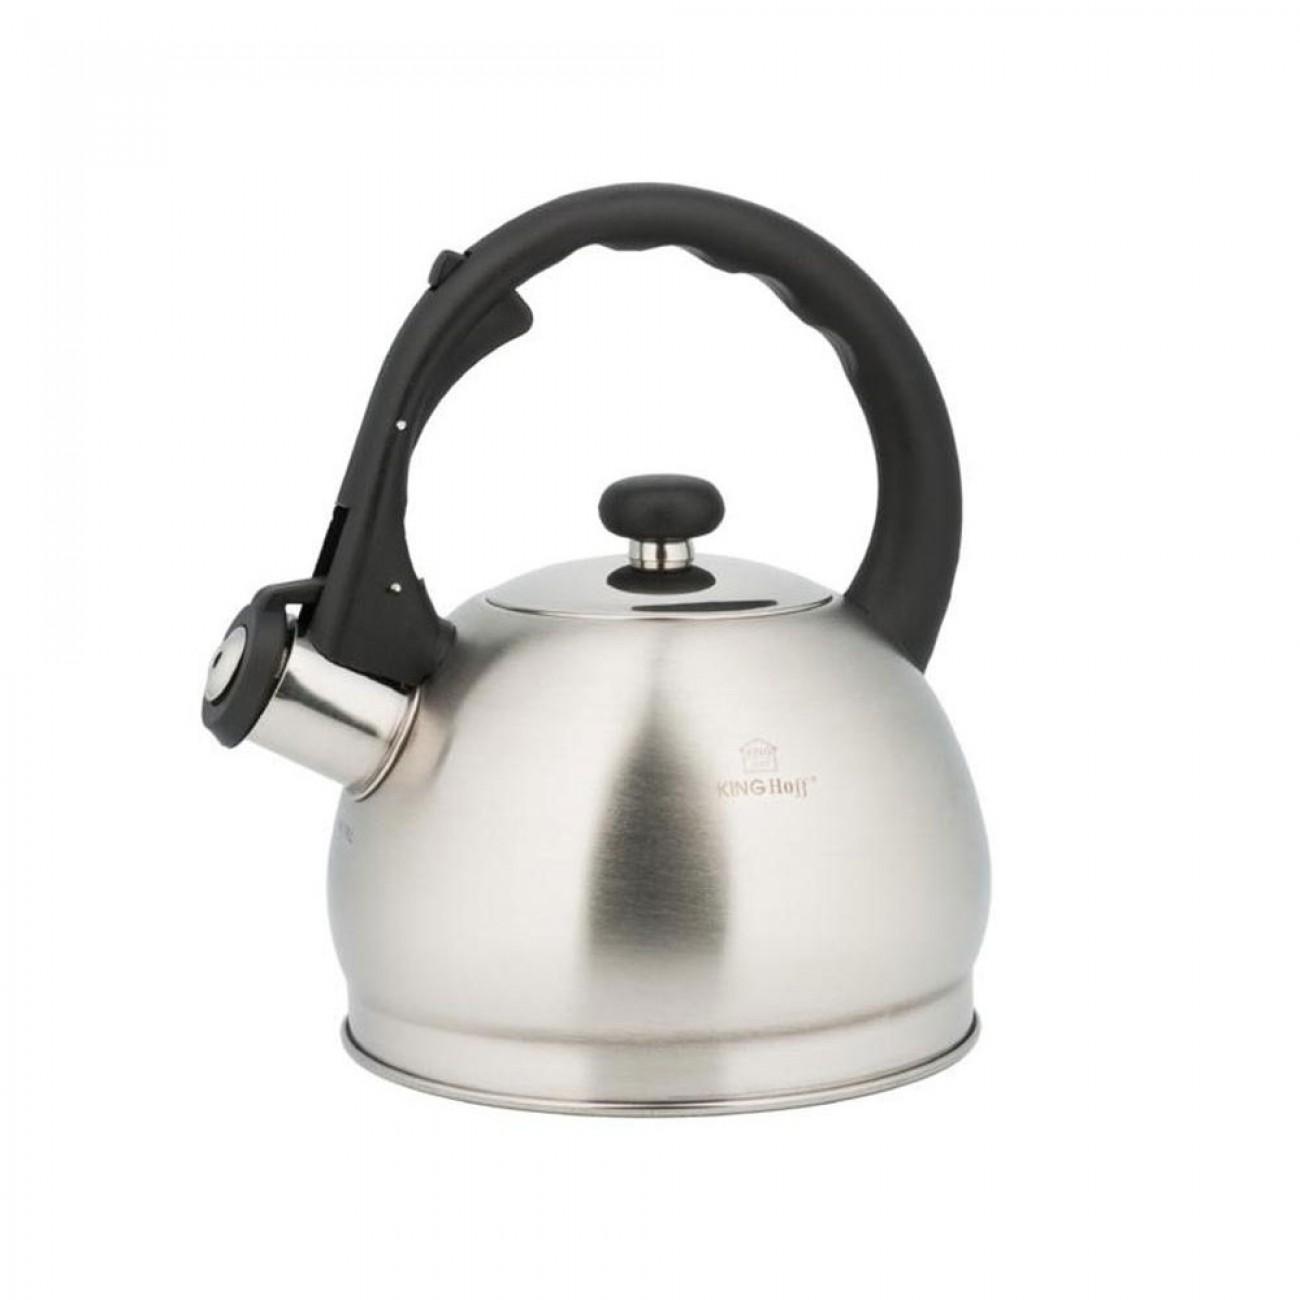 Свирещ чайник Kinghoff KH 3773, 1.8 литра, Инокс, Черна дръжка в Чайници - Kinghoff | Alleop